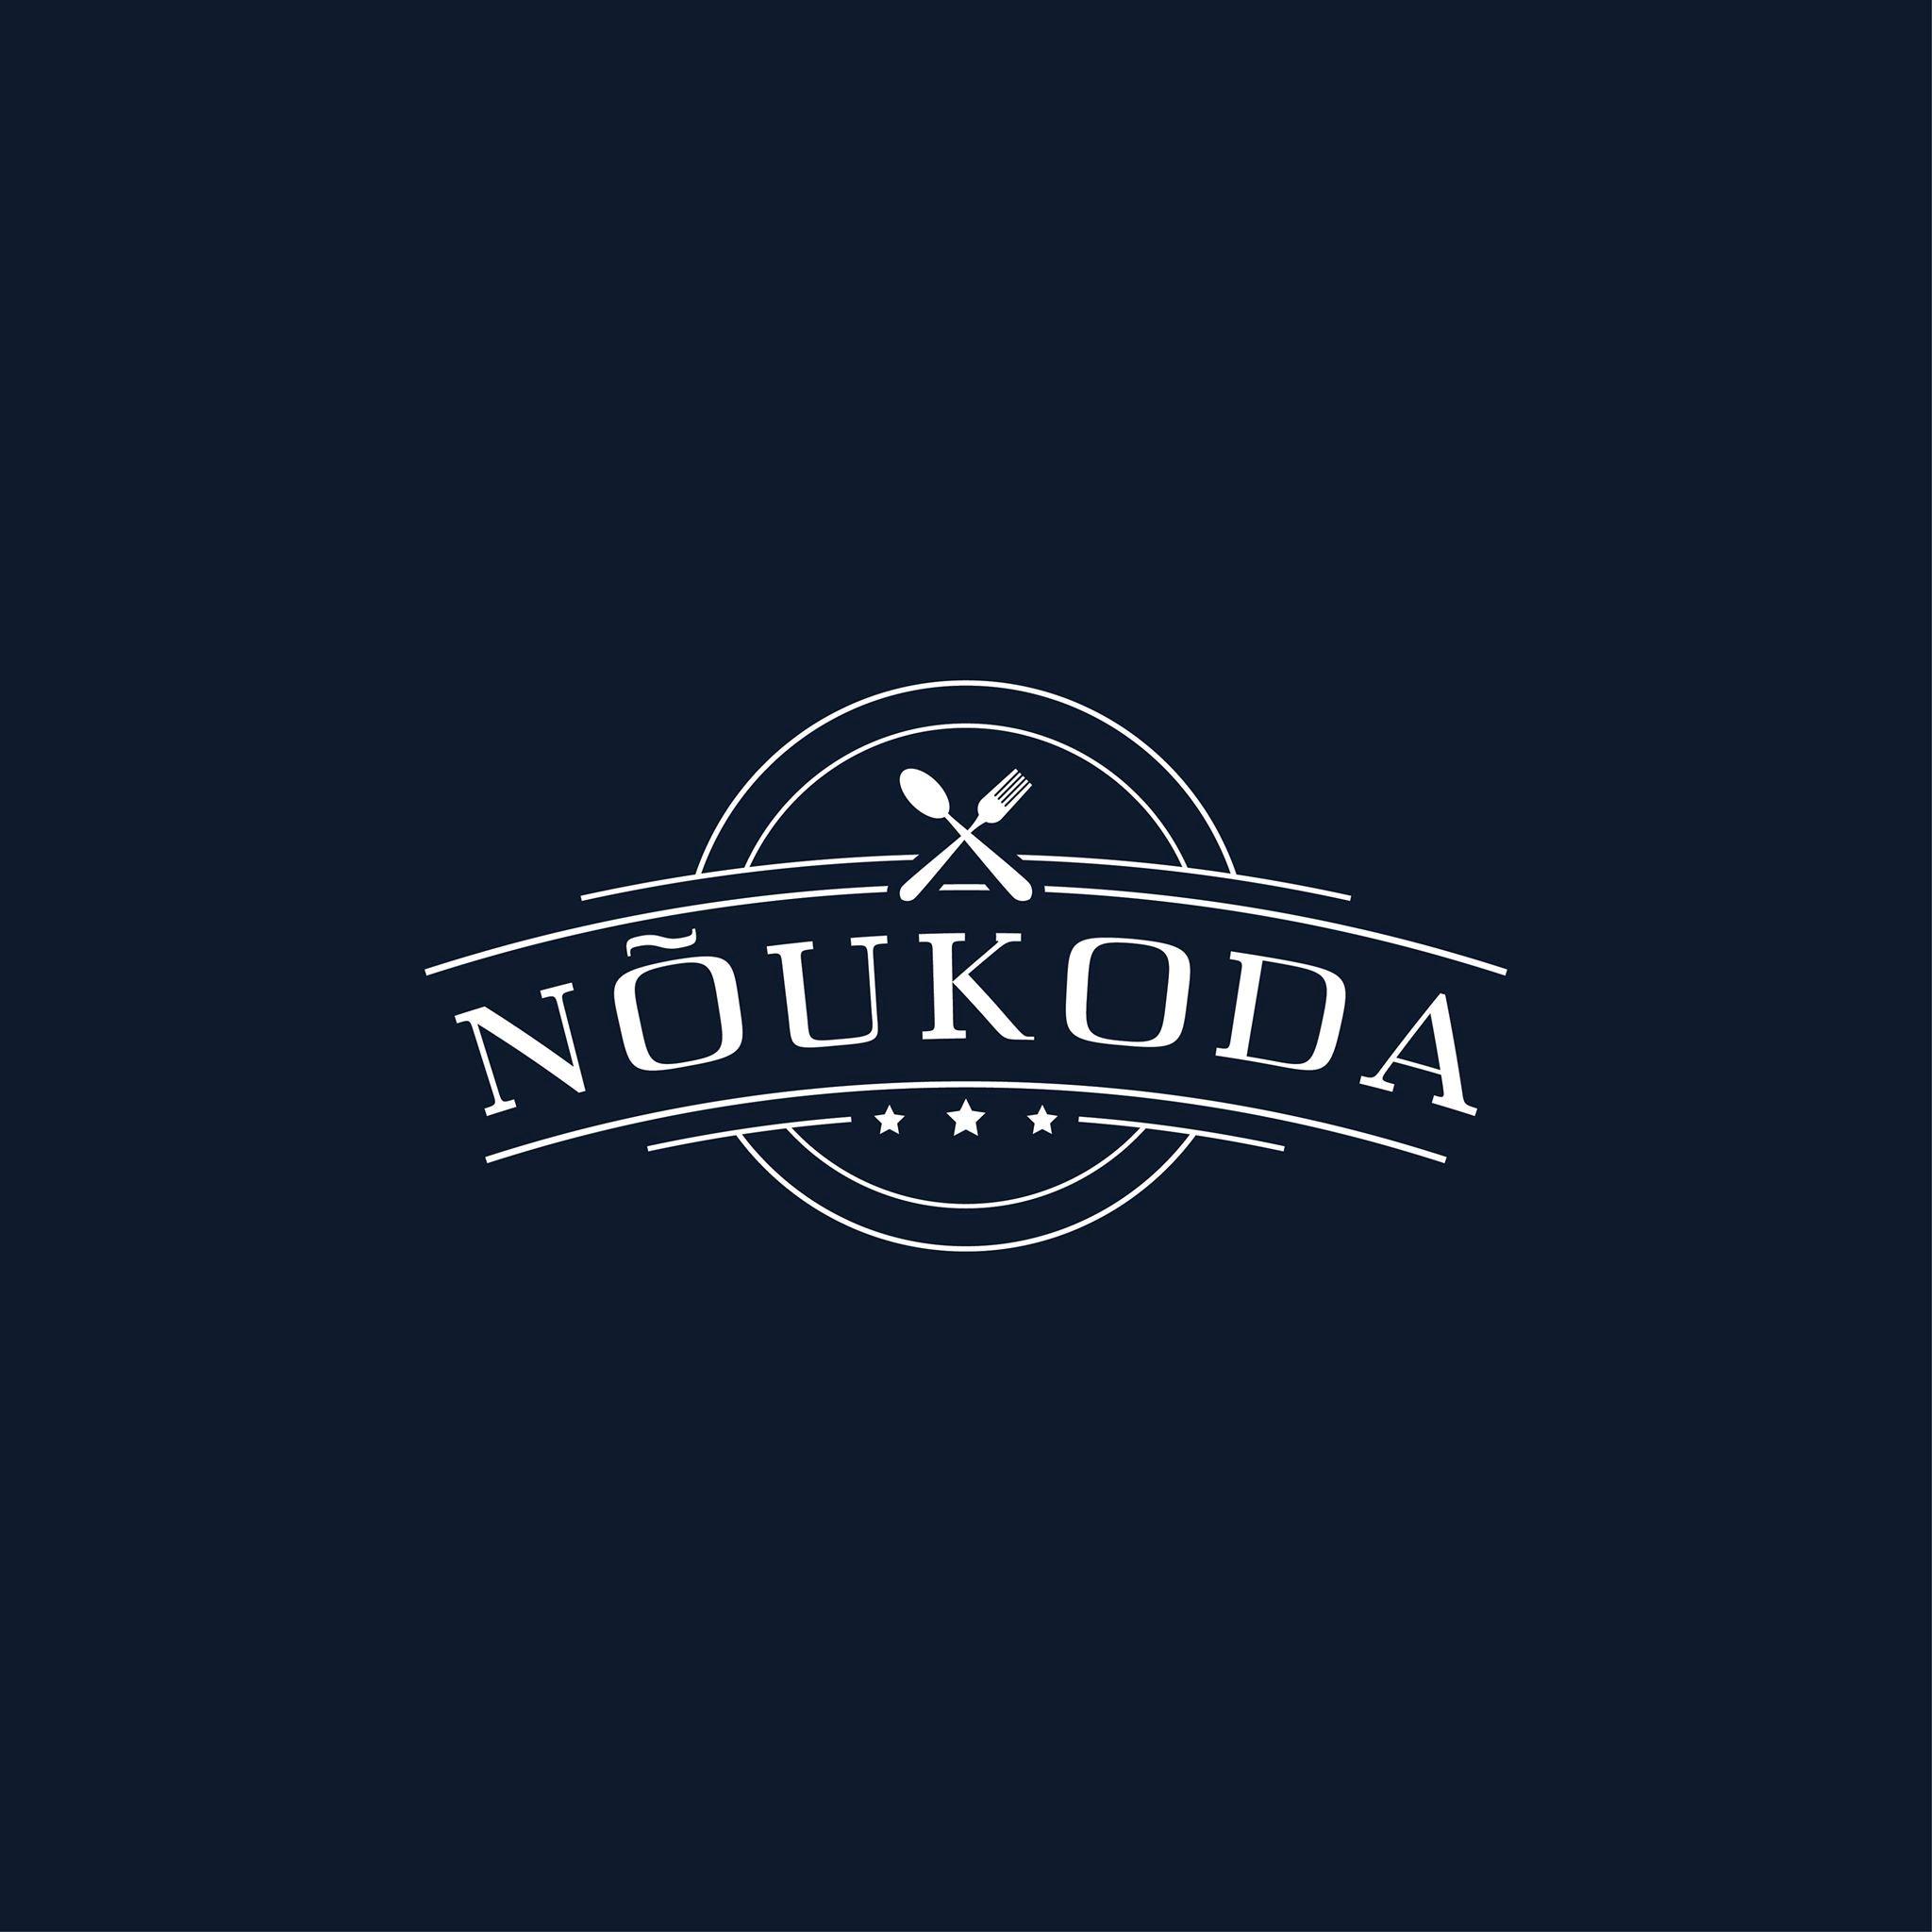 noud_logo1.jpg